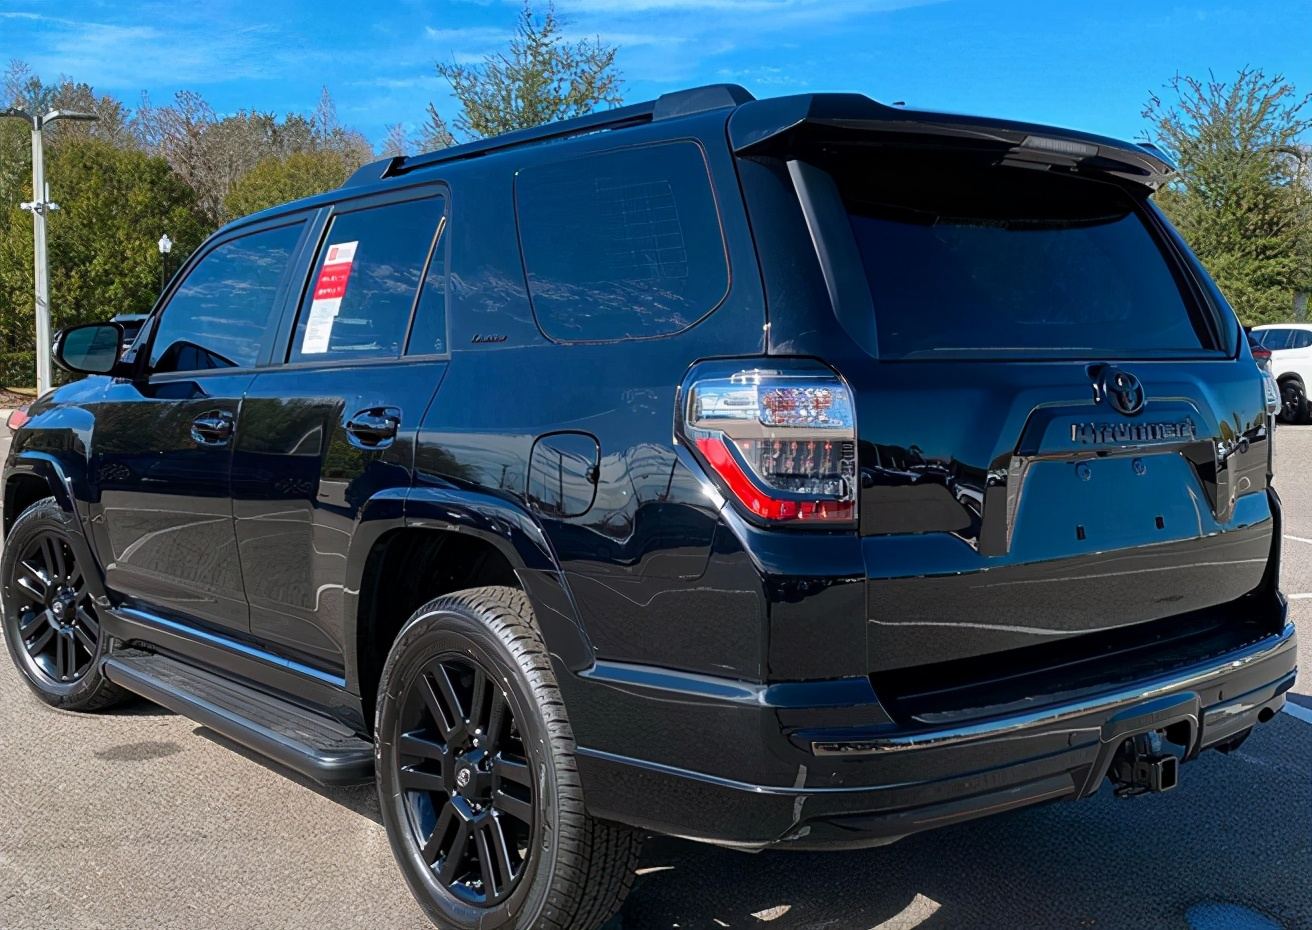 定位中大型SUV 丰田4Runner车型实拍图来袭